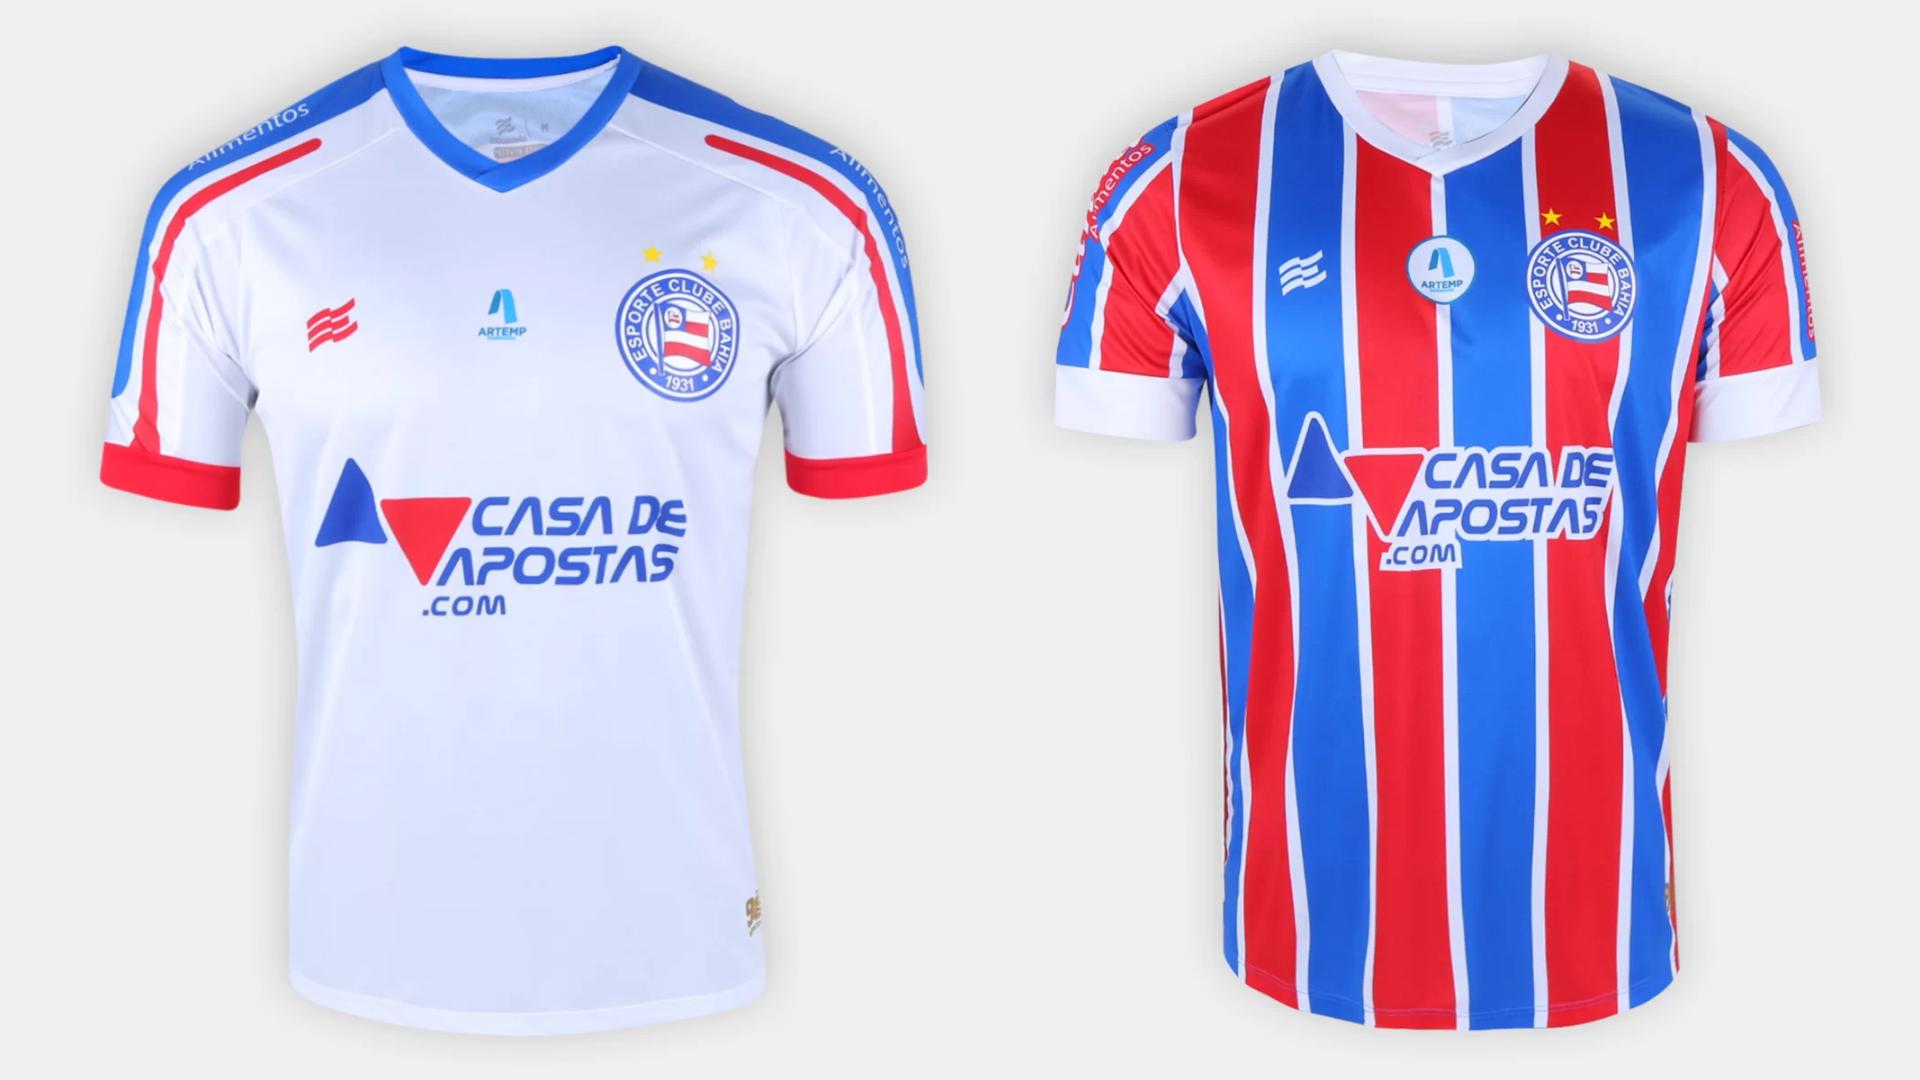 Camisa do Bahia 2021 Esquadrão Jogo 1 e 2 (Imagem: Divulgação/Esquadrão)